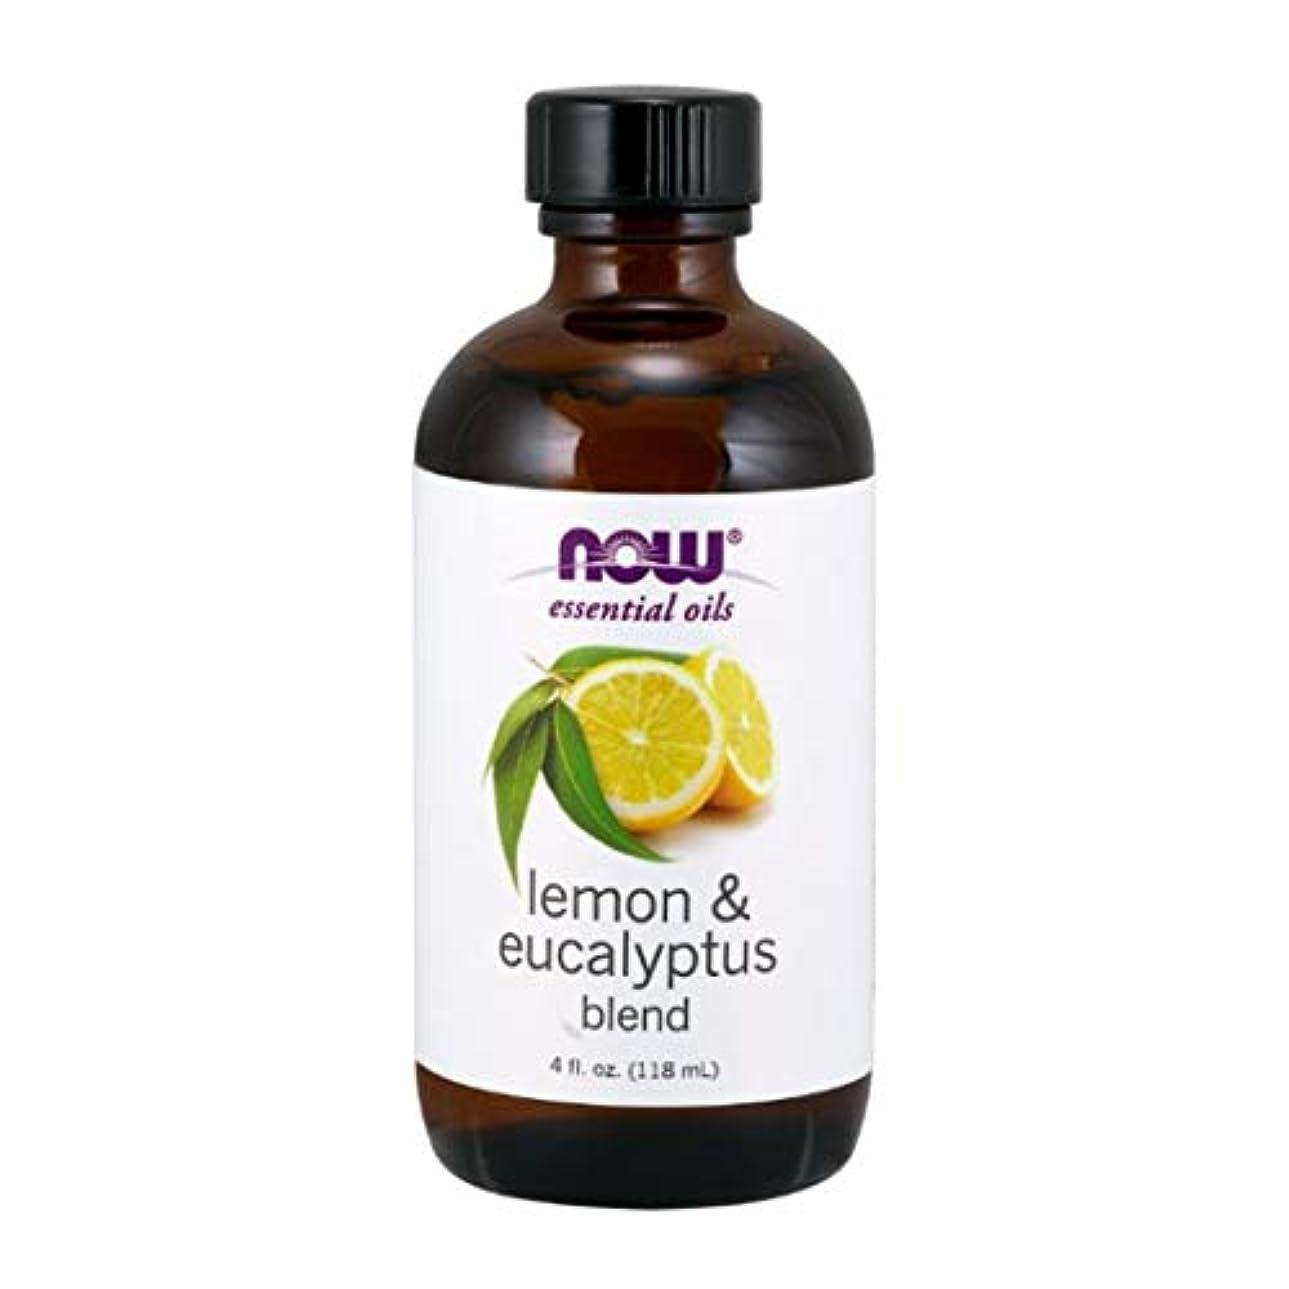 いとこつかまえる飢えNow - Lemon & Eucalyptus Blend With Lemongrass 4 oz (118 ml) [並行輸入品]